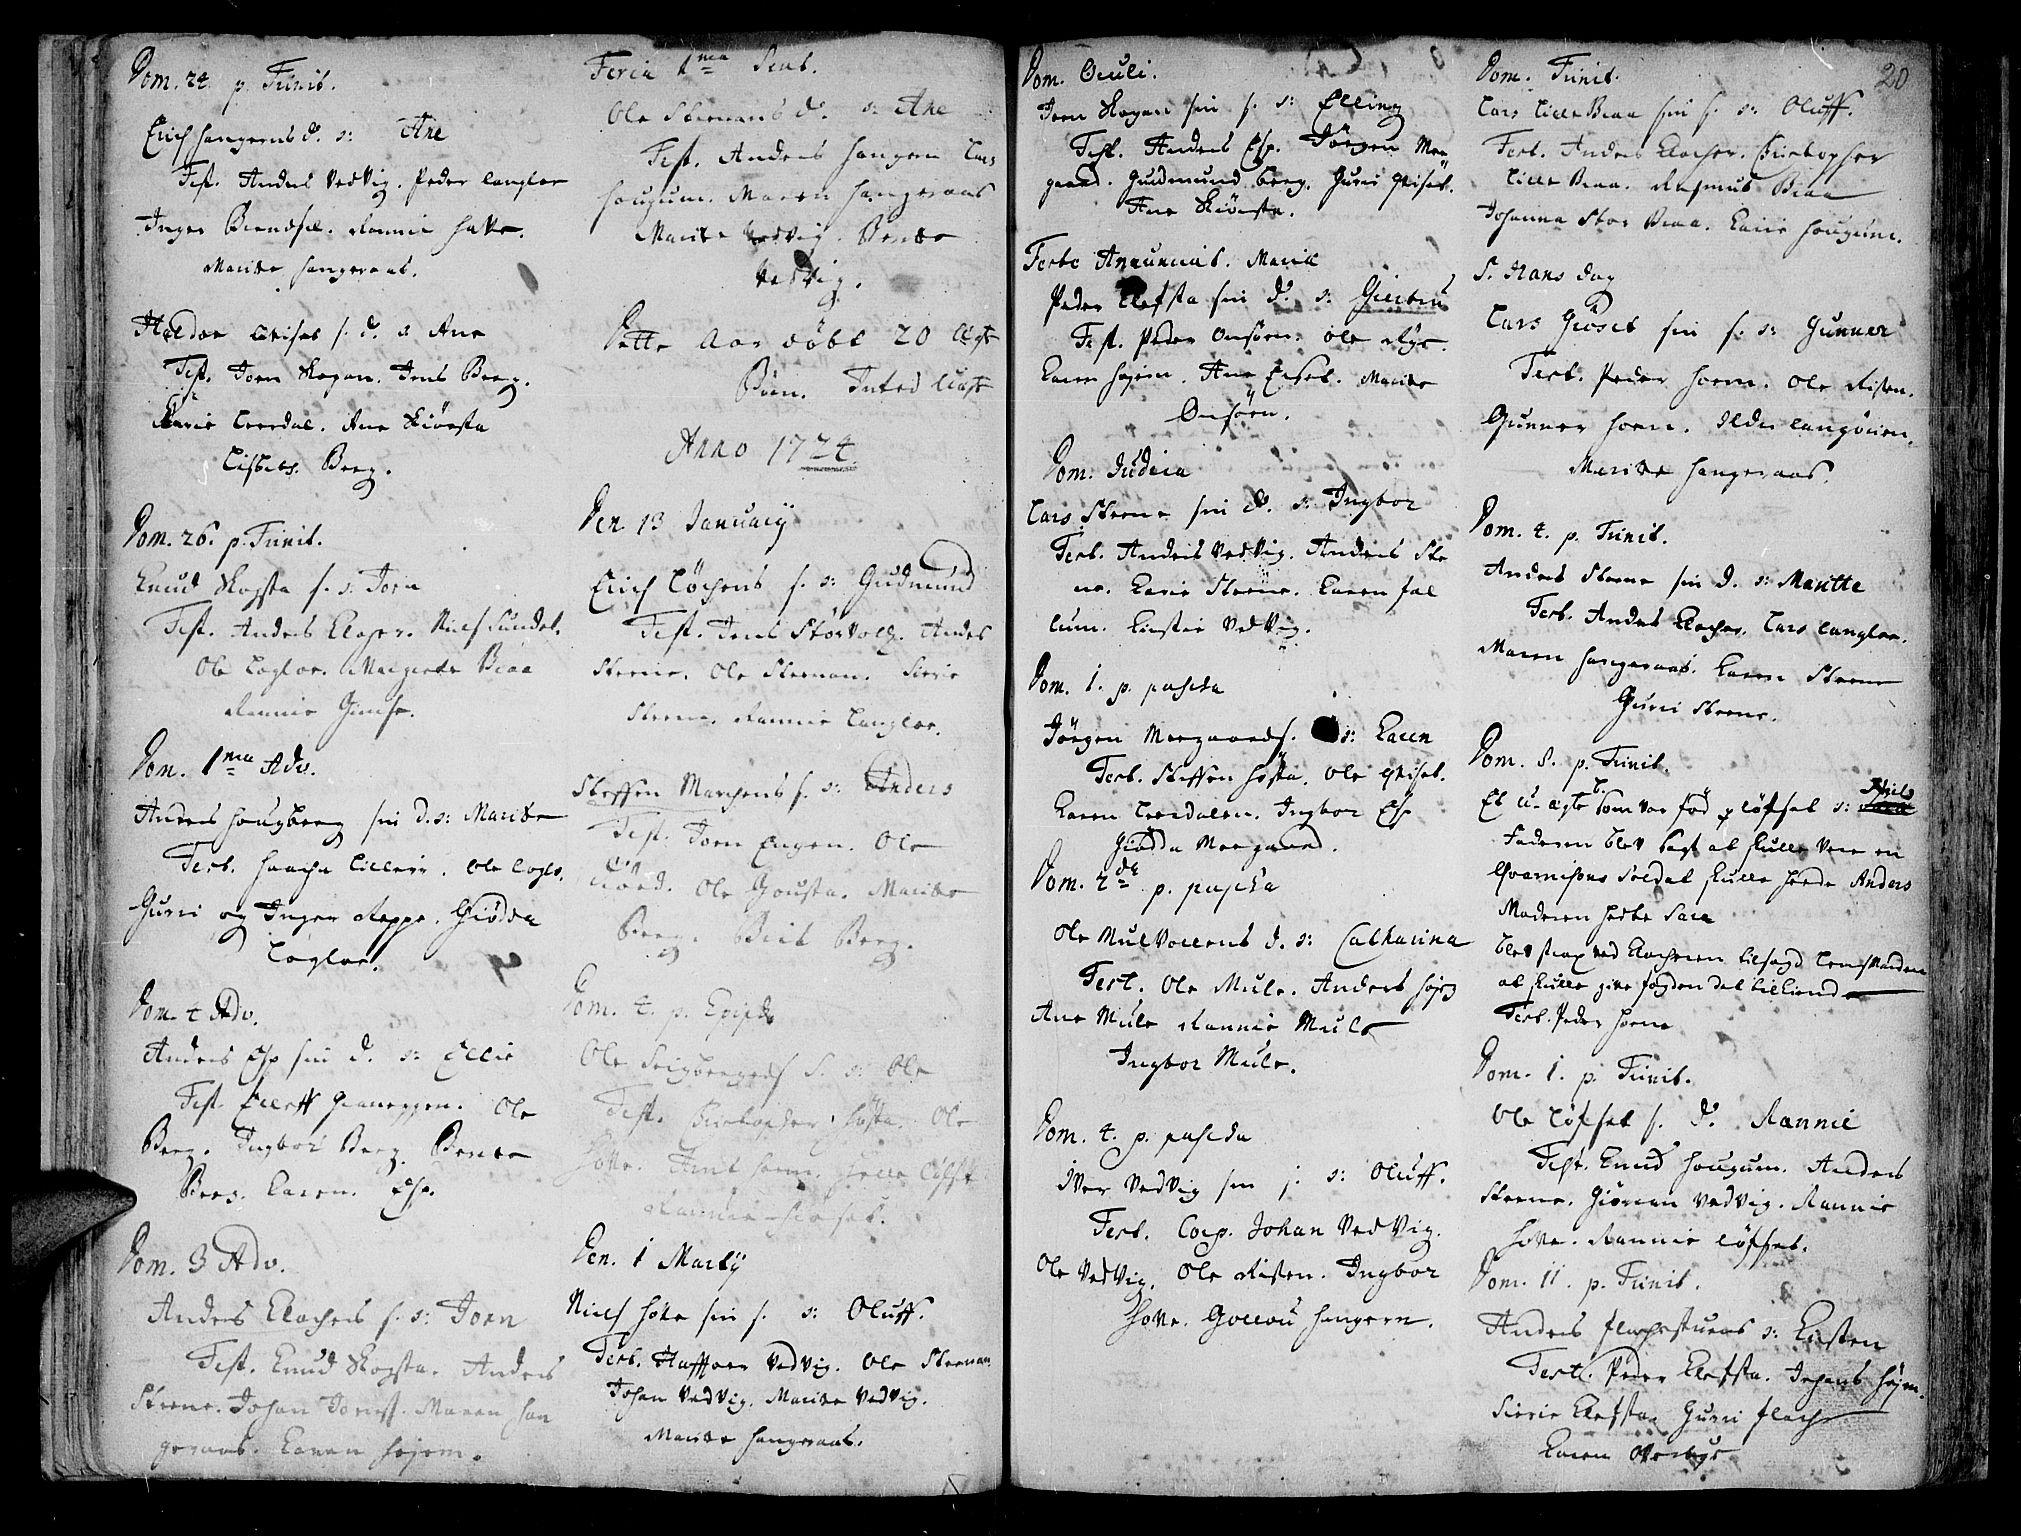 SAT, Ministerialprotokoller, klokkerbøker og fødselsregistre - Sør-Trøndelag, 612/L0368: Ministerialbok nr. 612A02, 1702-1753, s. 20